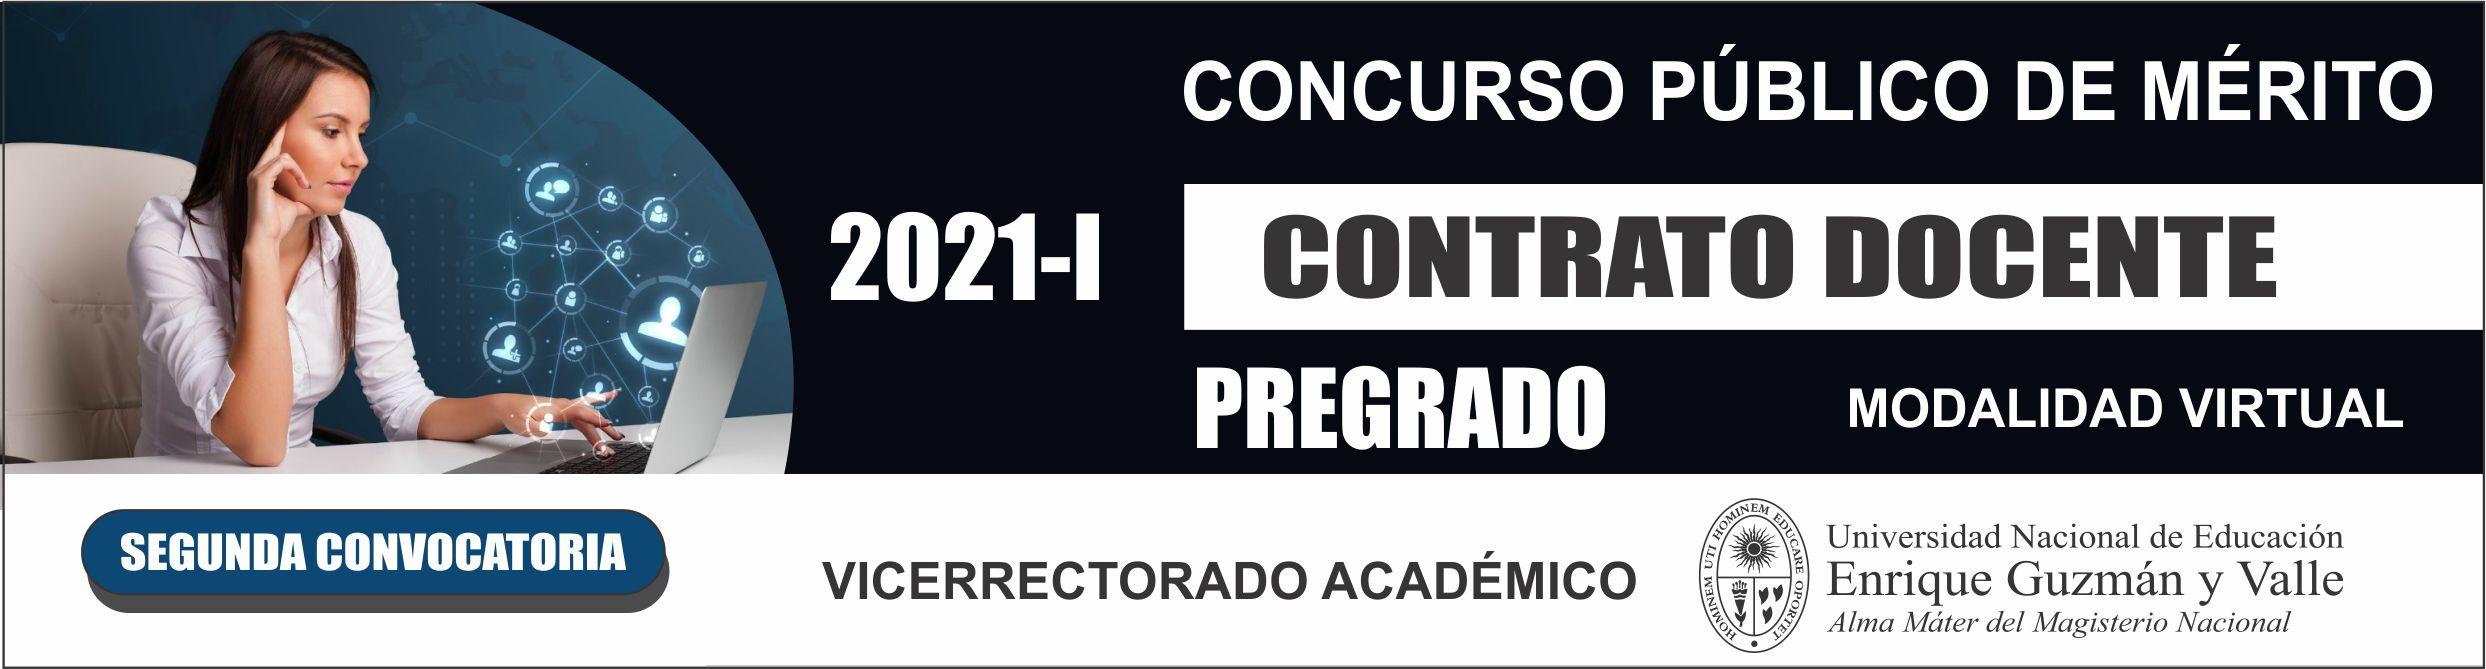 Contrato docente 2021-I 2da. Convocatoria